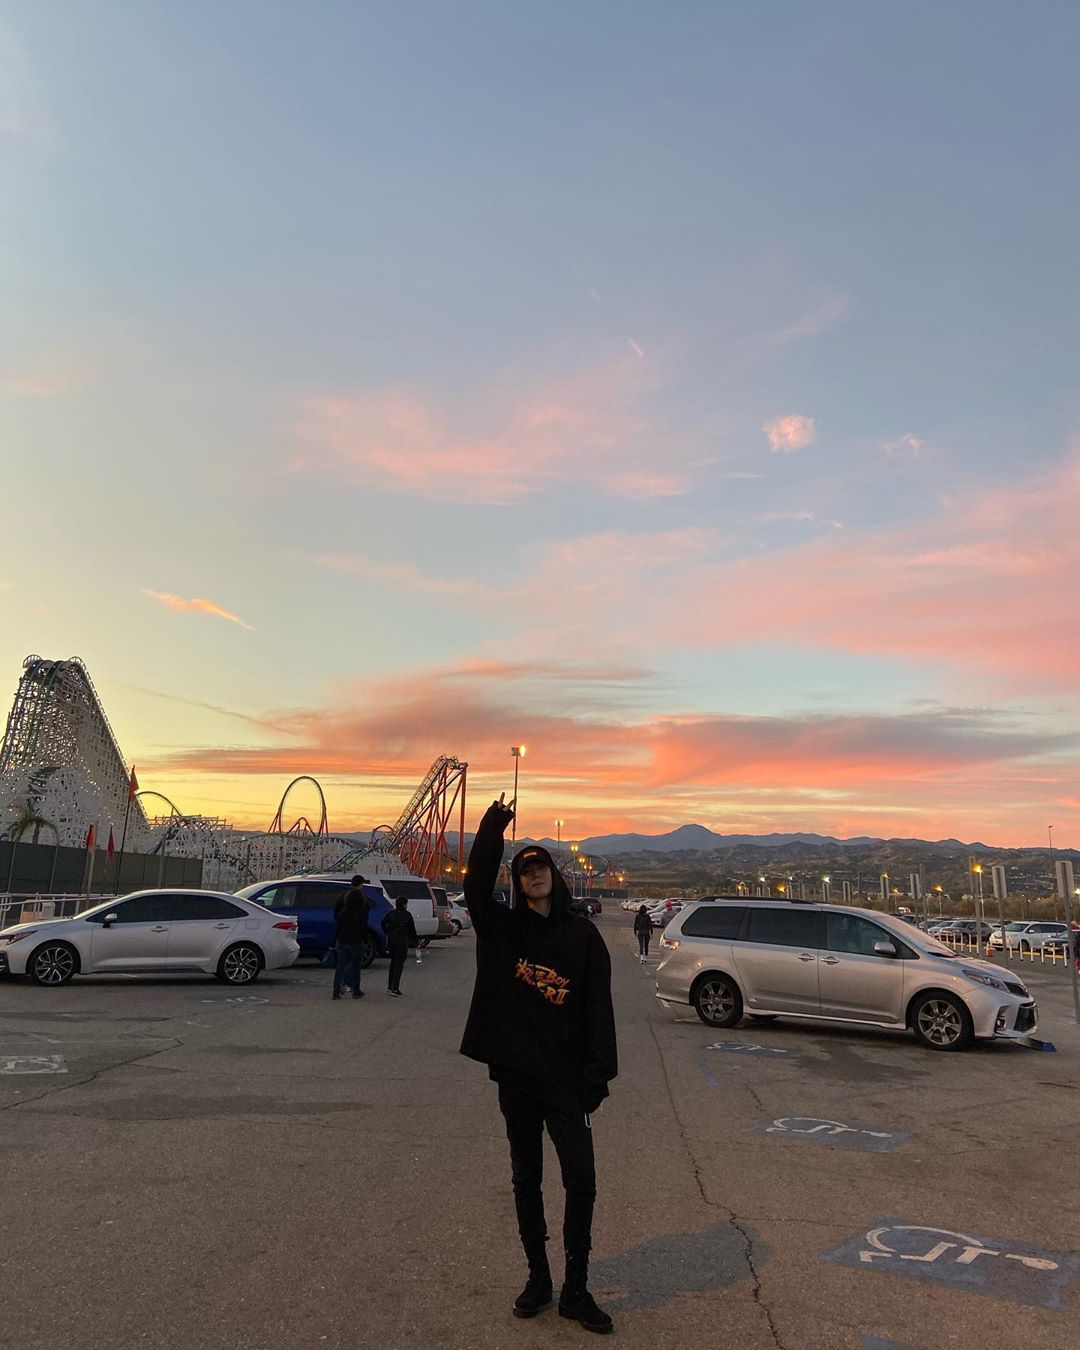 [分享]200121 比天空更好看的是宝贝呀!金有谦分享游客照